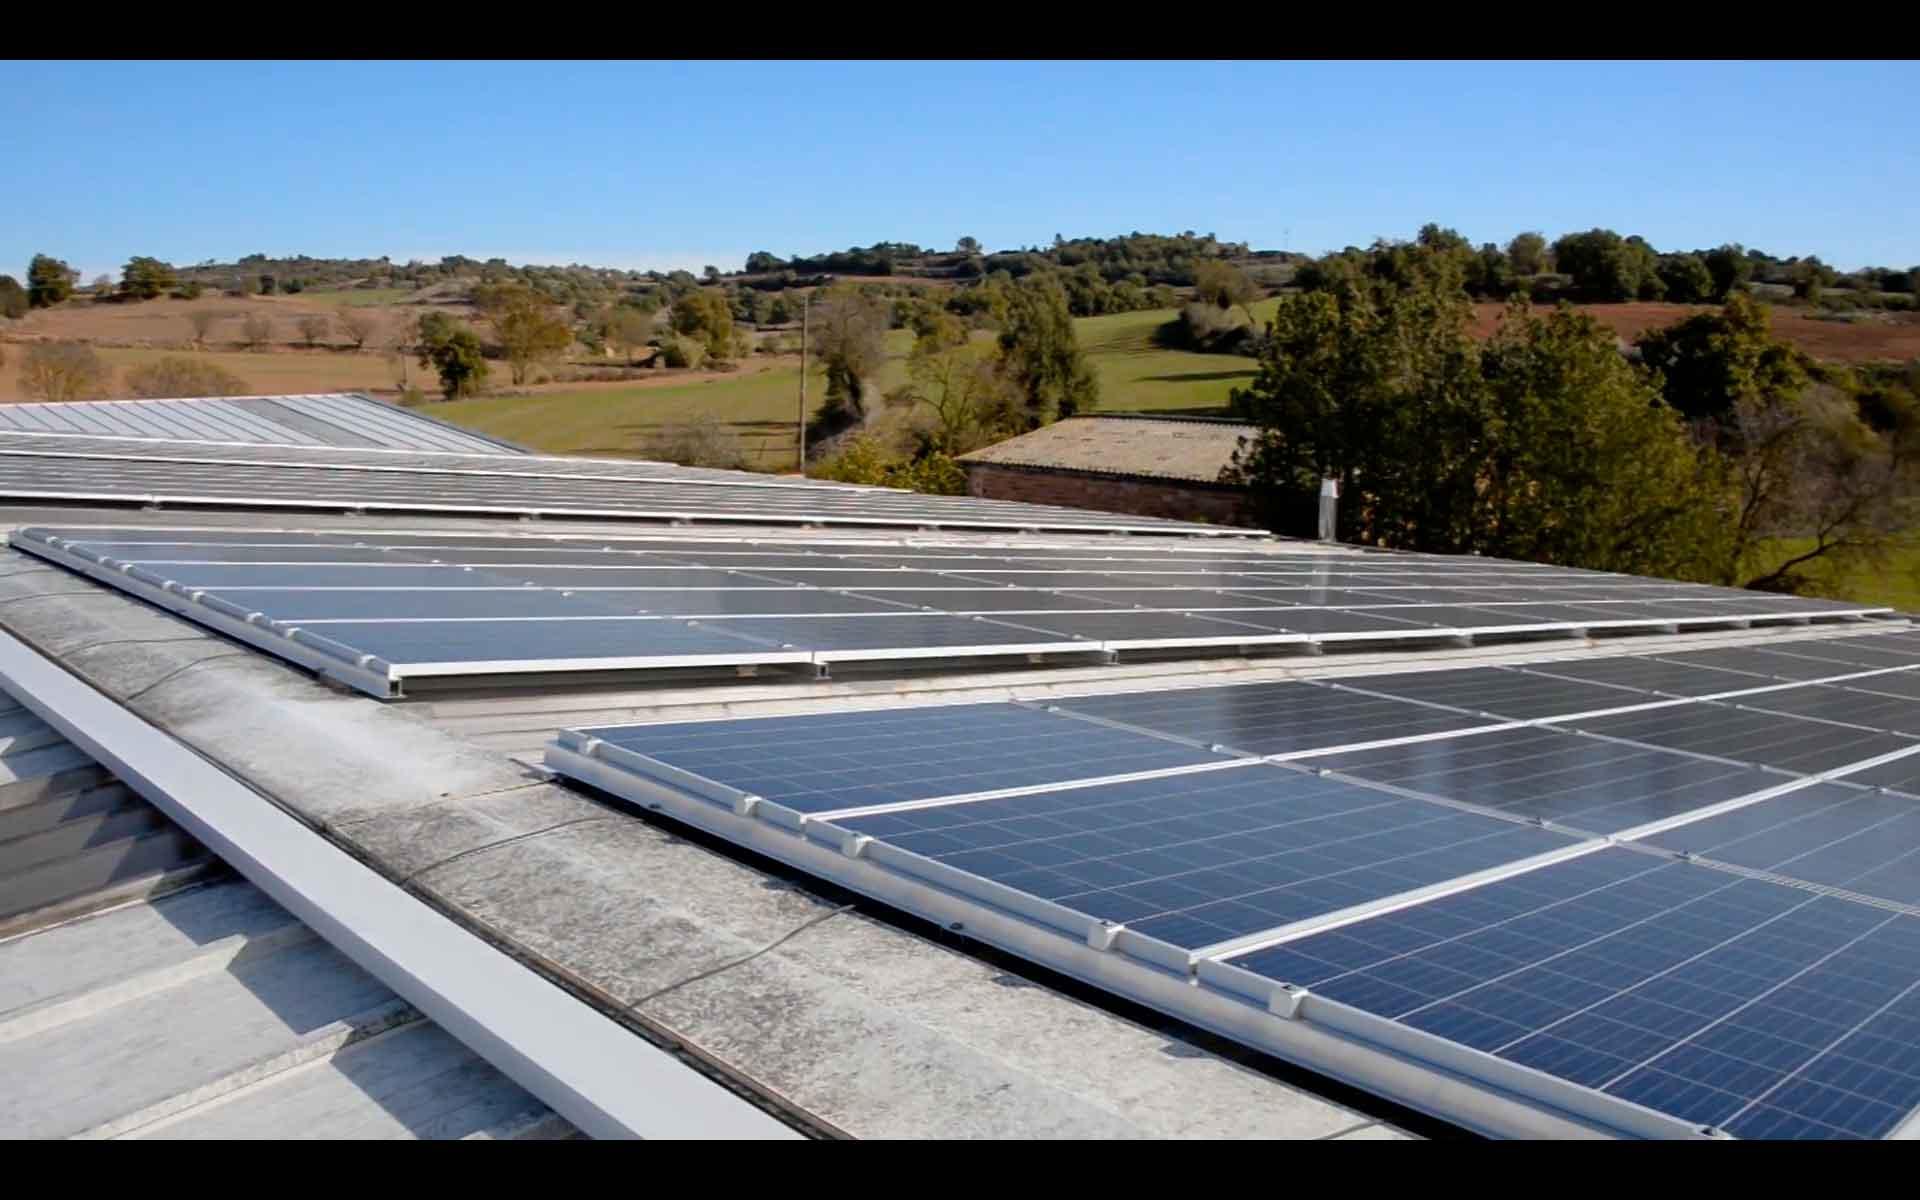 Instalación de Energía Solar Fotovoltaica Industrial